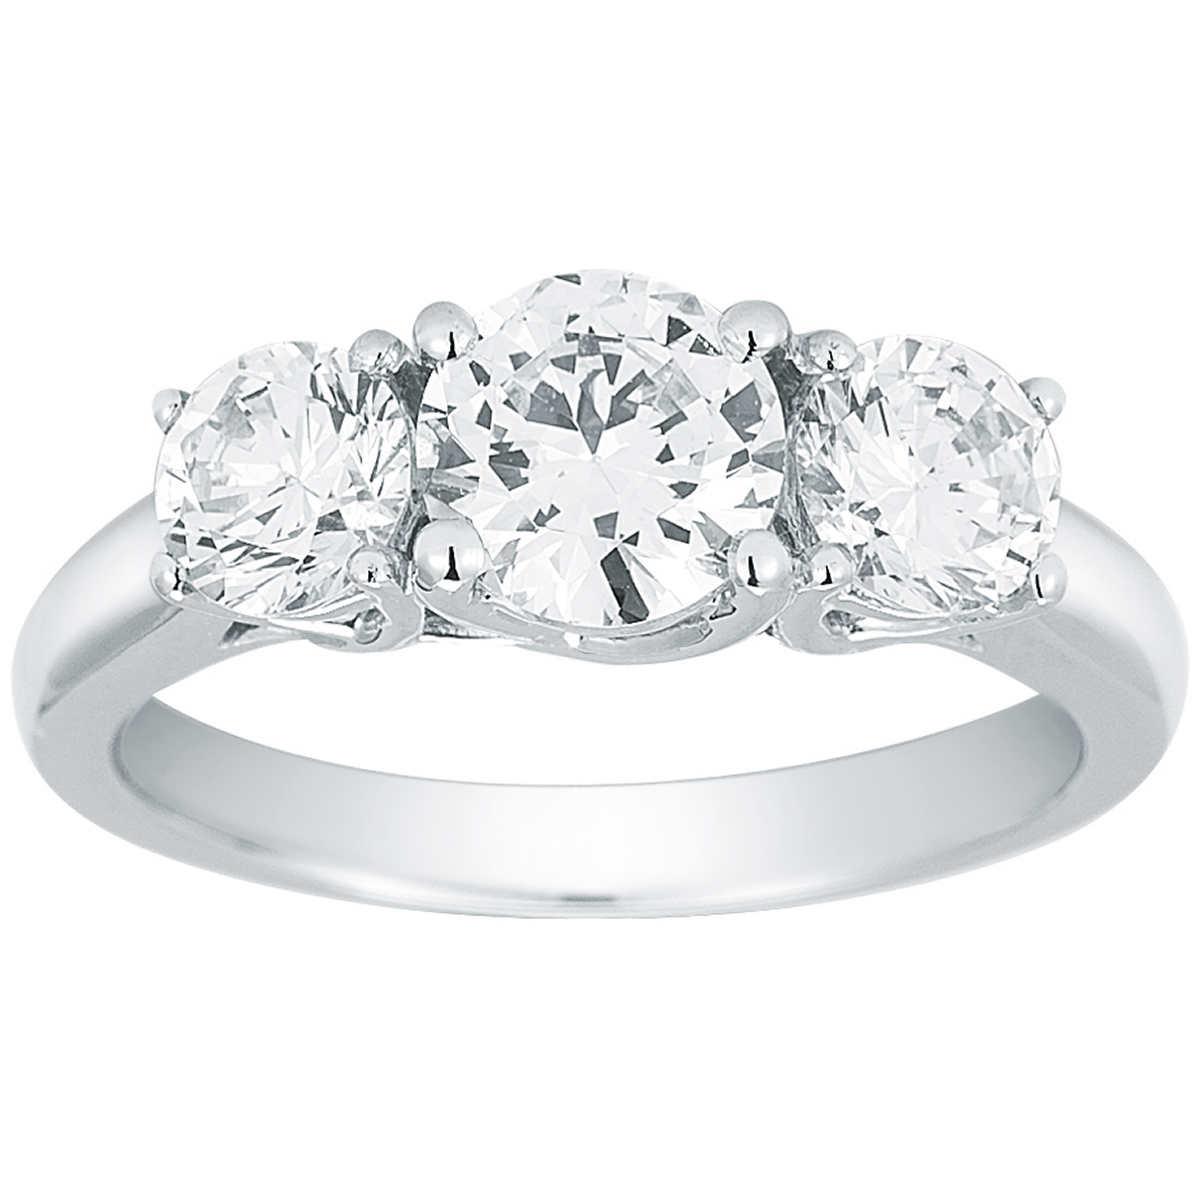 Round Brilliant 200 Ctw Vs2 Clarity, I Color Diamond Platinum Three Stone  Ring